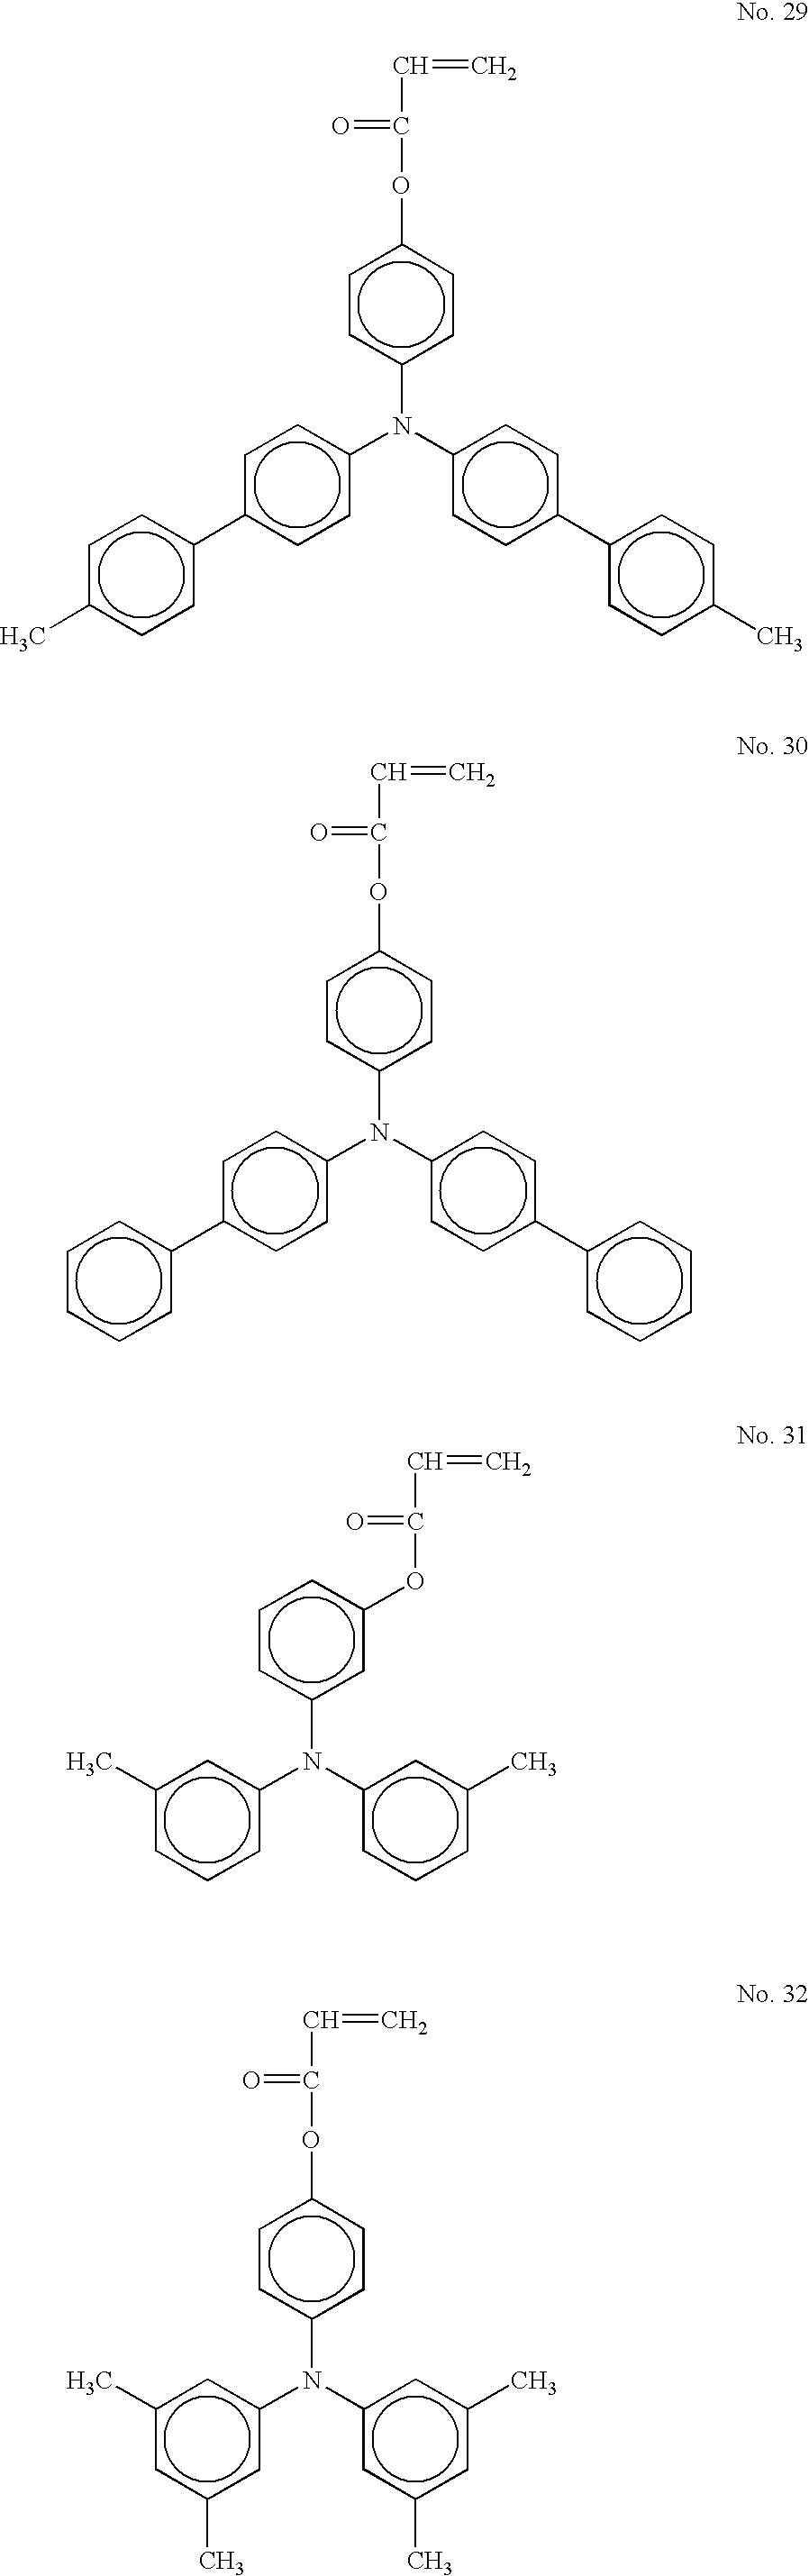 Figure US20050158641A1-20050721-C00024